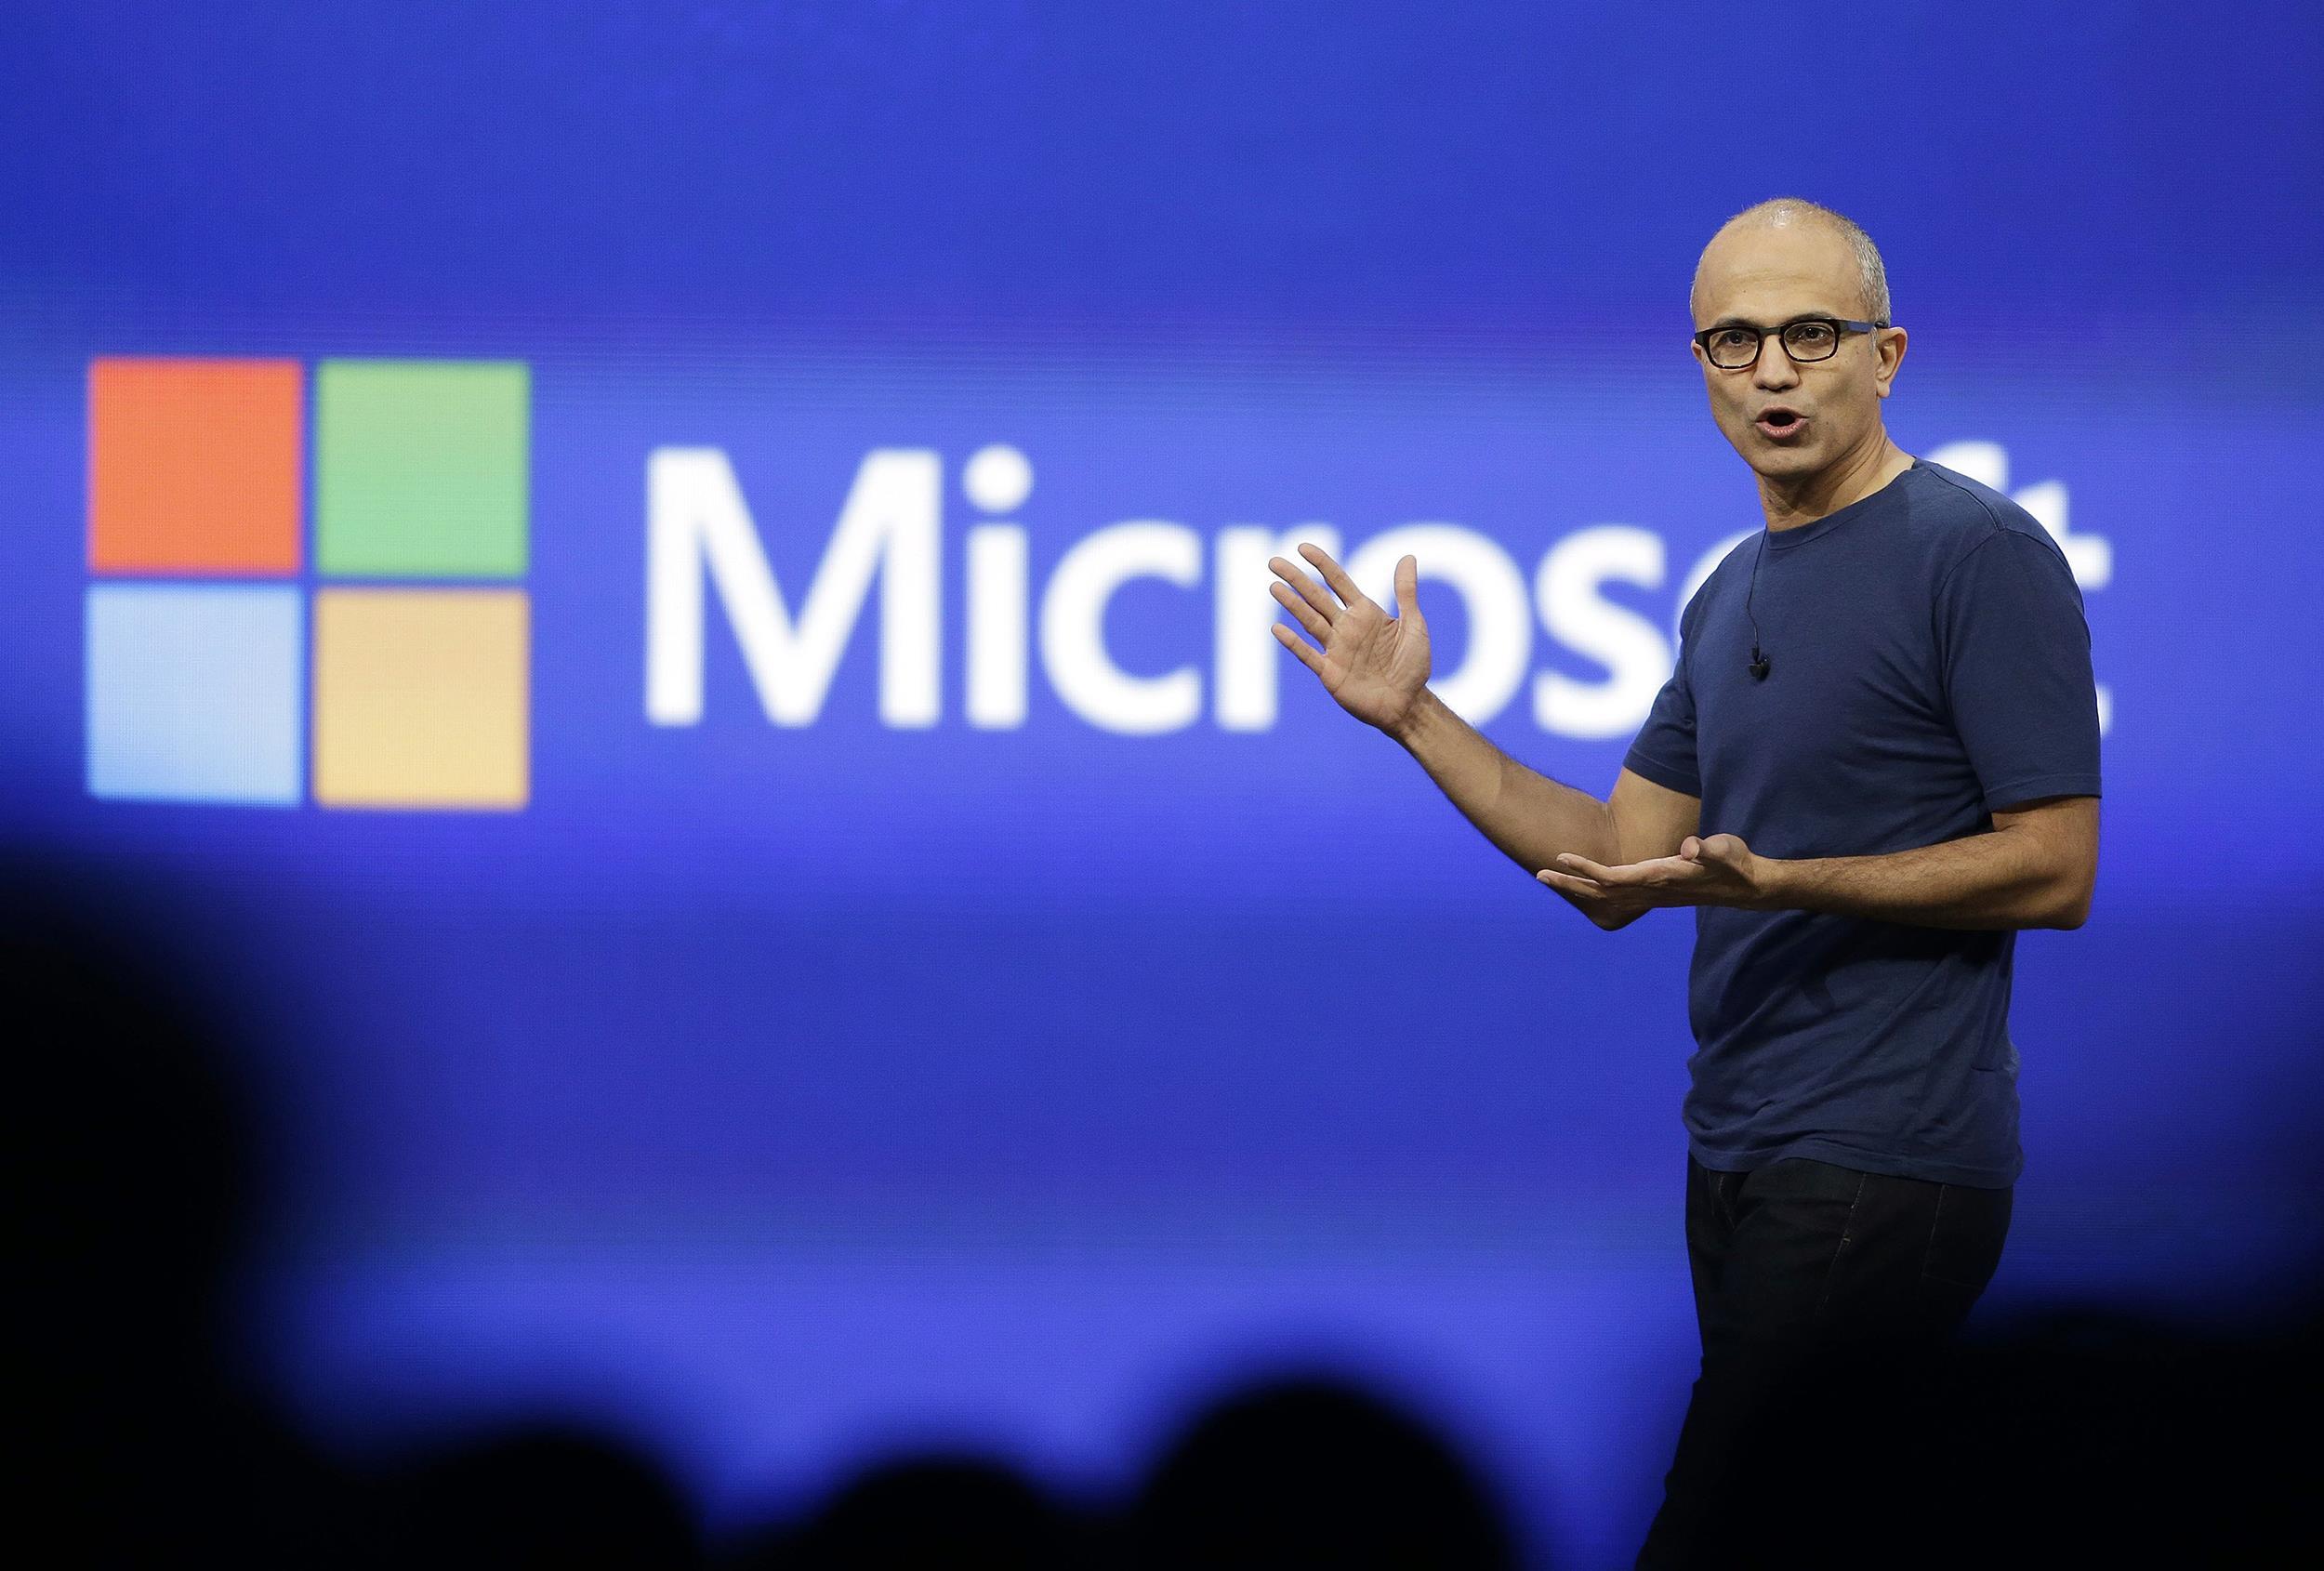 صورة مايكروسوفت تقدم مفاجأة جديدة لعشاقها